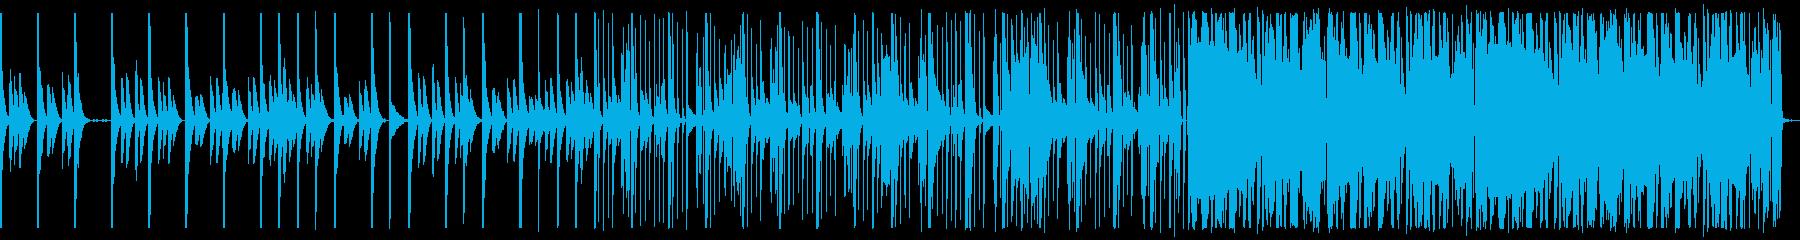 フューチャーベース_No627_2の再生済みの波形